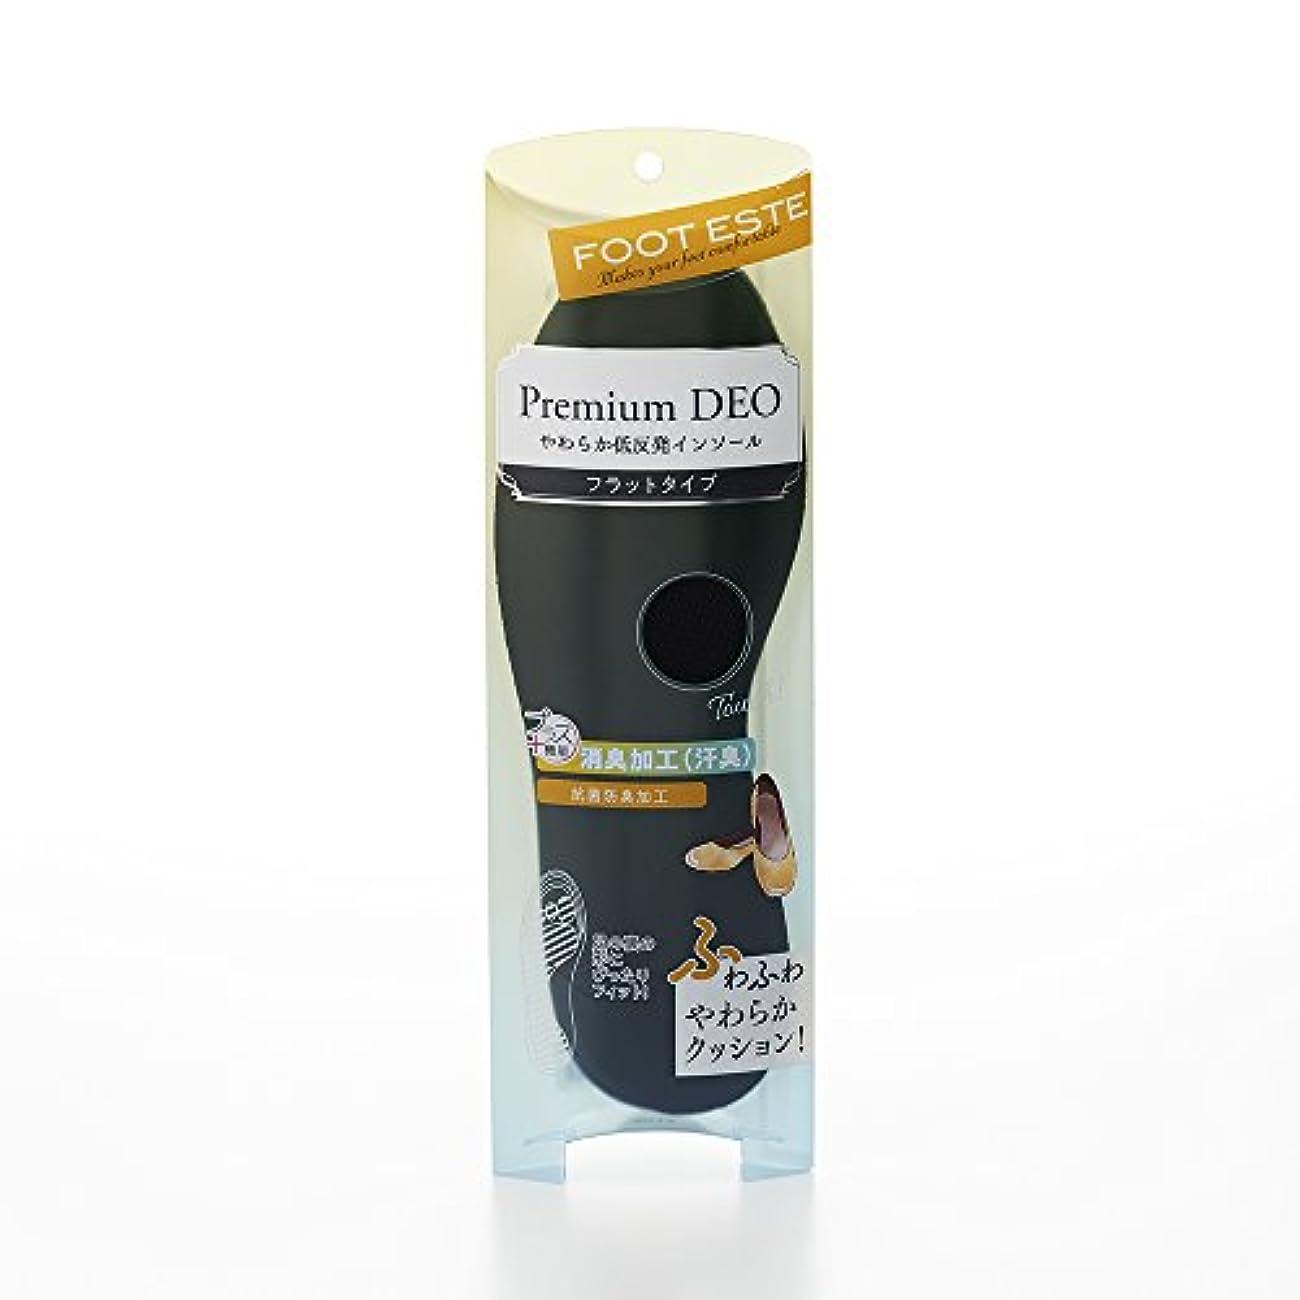 バーチャルサーフィン鉱夫フットエステ Premium DEO プレミアムデオ やわらか低反発インソール フラットタイプ 【消臭 抗菌防臭】